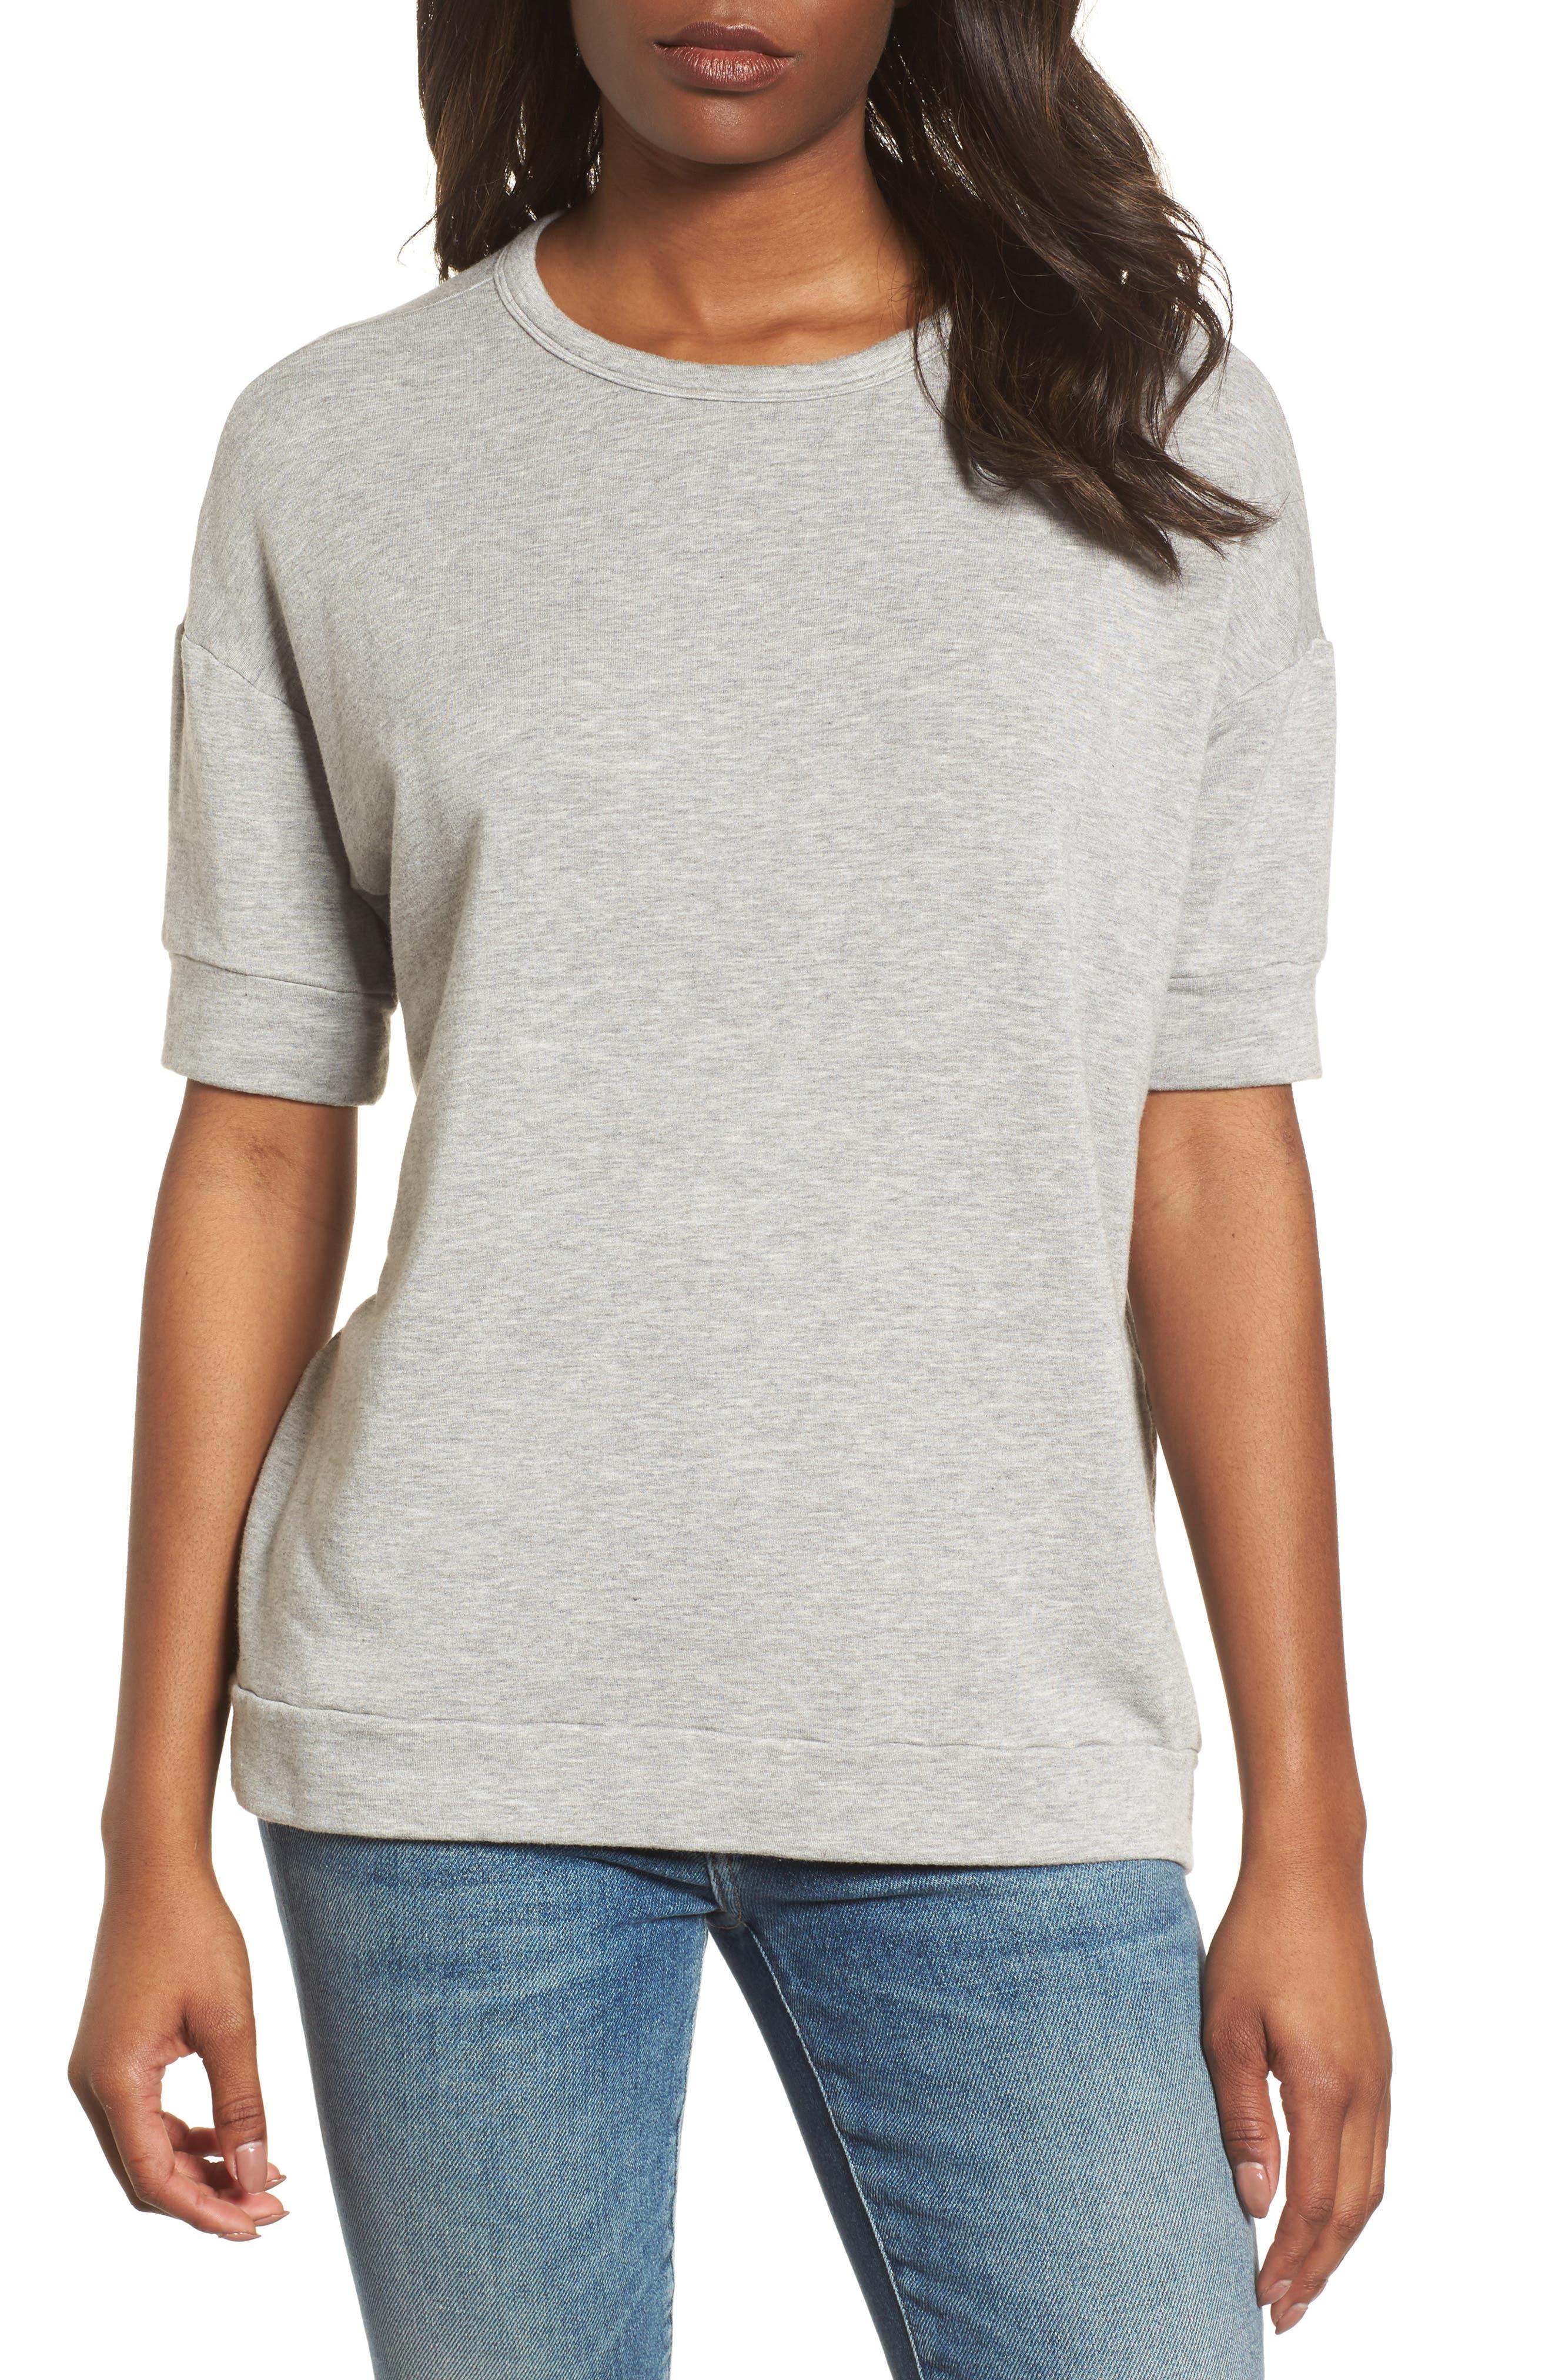 Velvet by Graham & Spencer Short Sleeve Sweatshirt